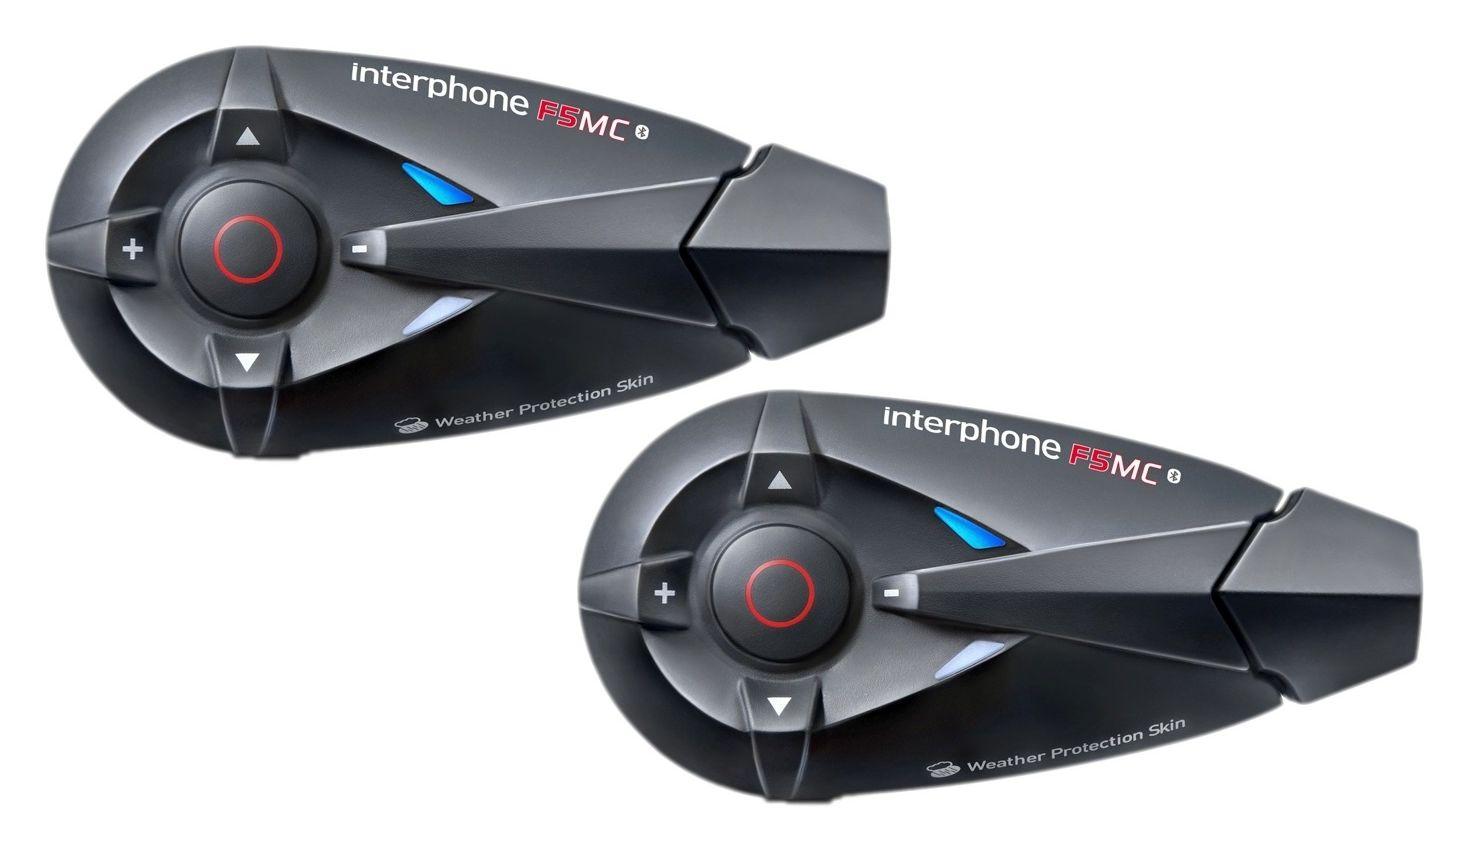 BTI V6 1200m Bluetooth & Intercom Review - YouTube